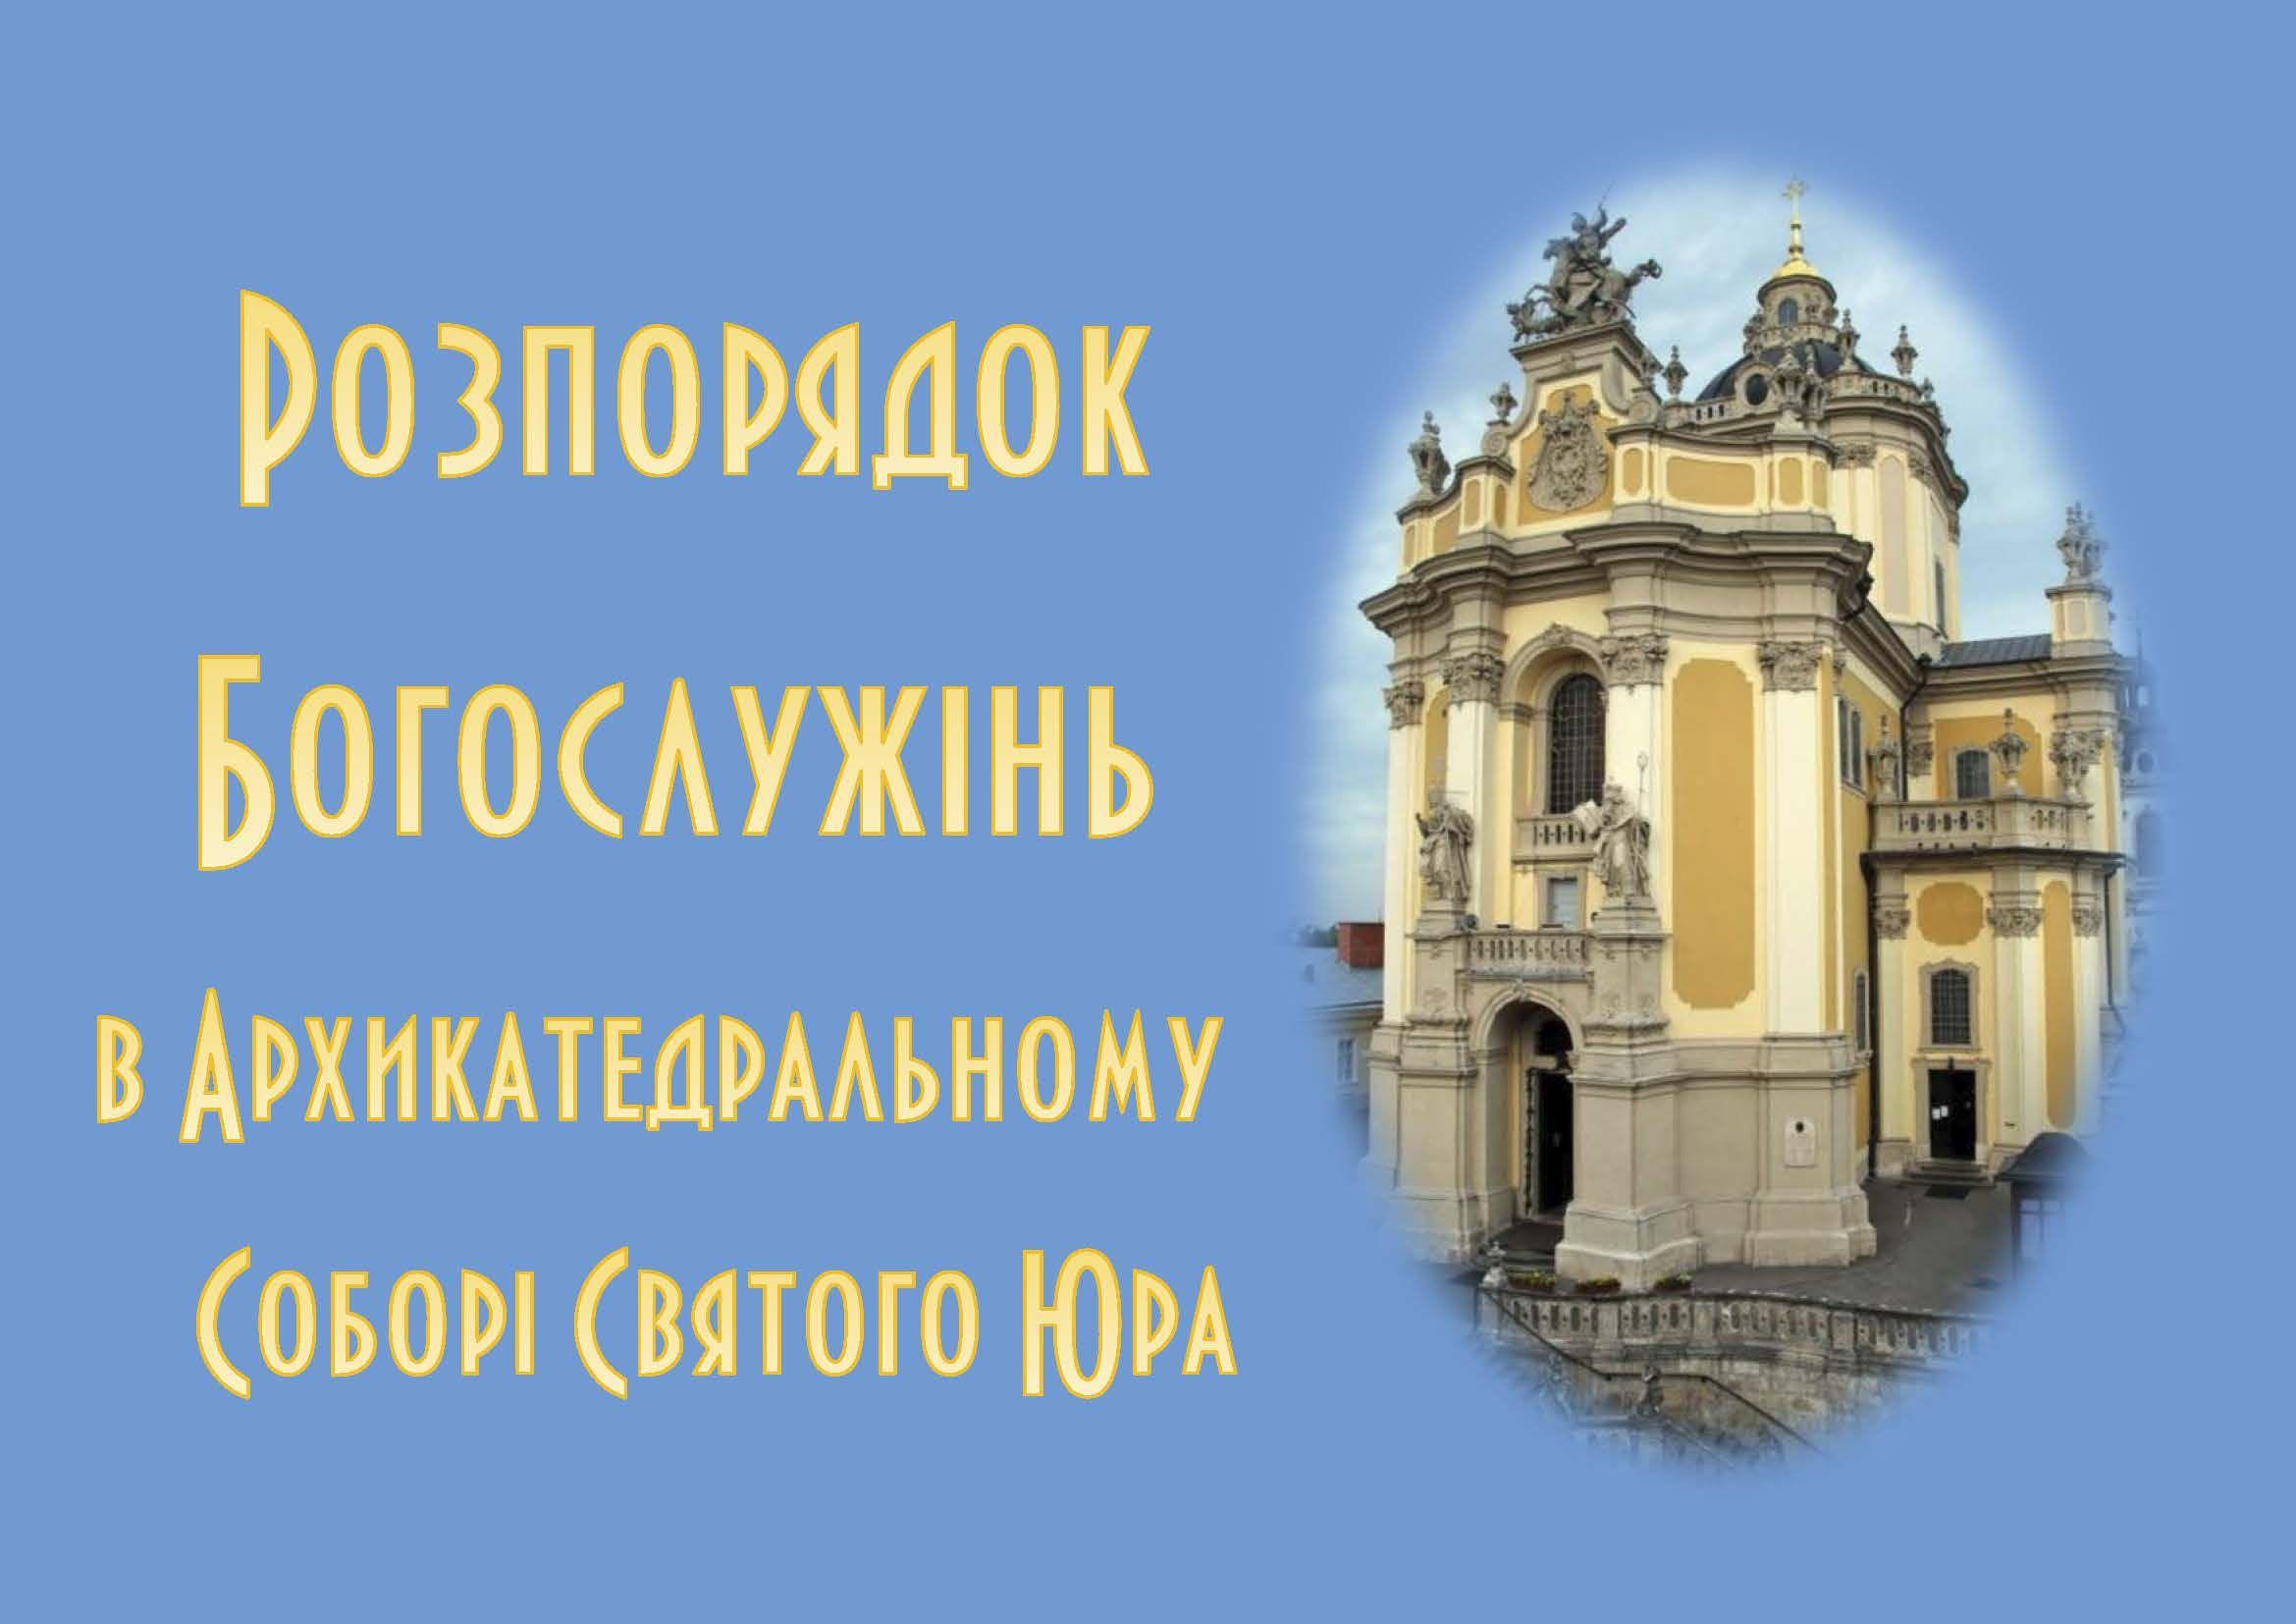 Розпорядок Богослужінь в Архикатедральному Соборі Святого Юра